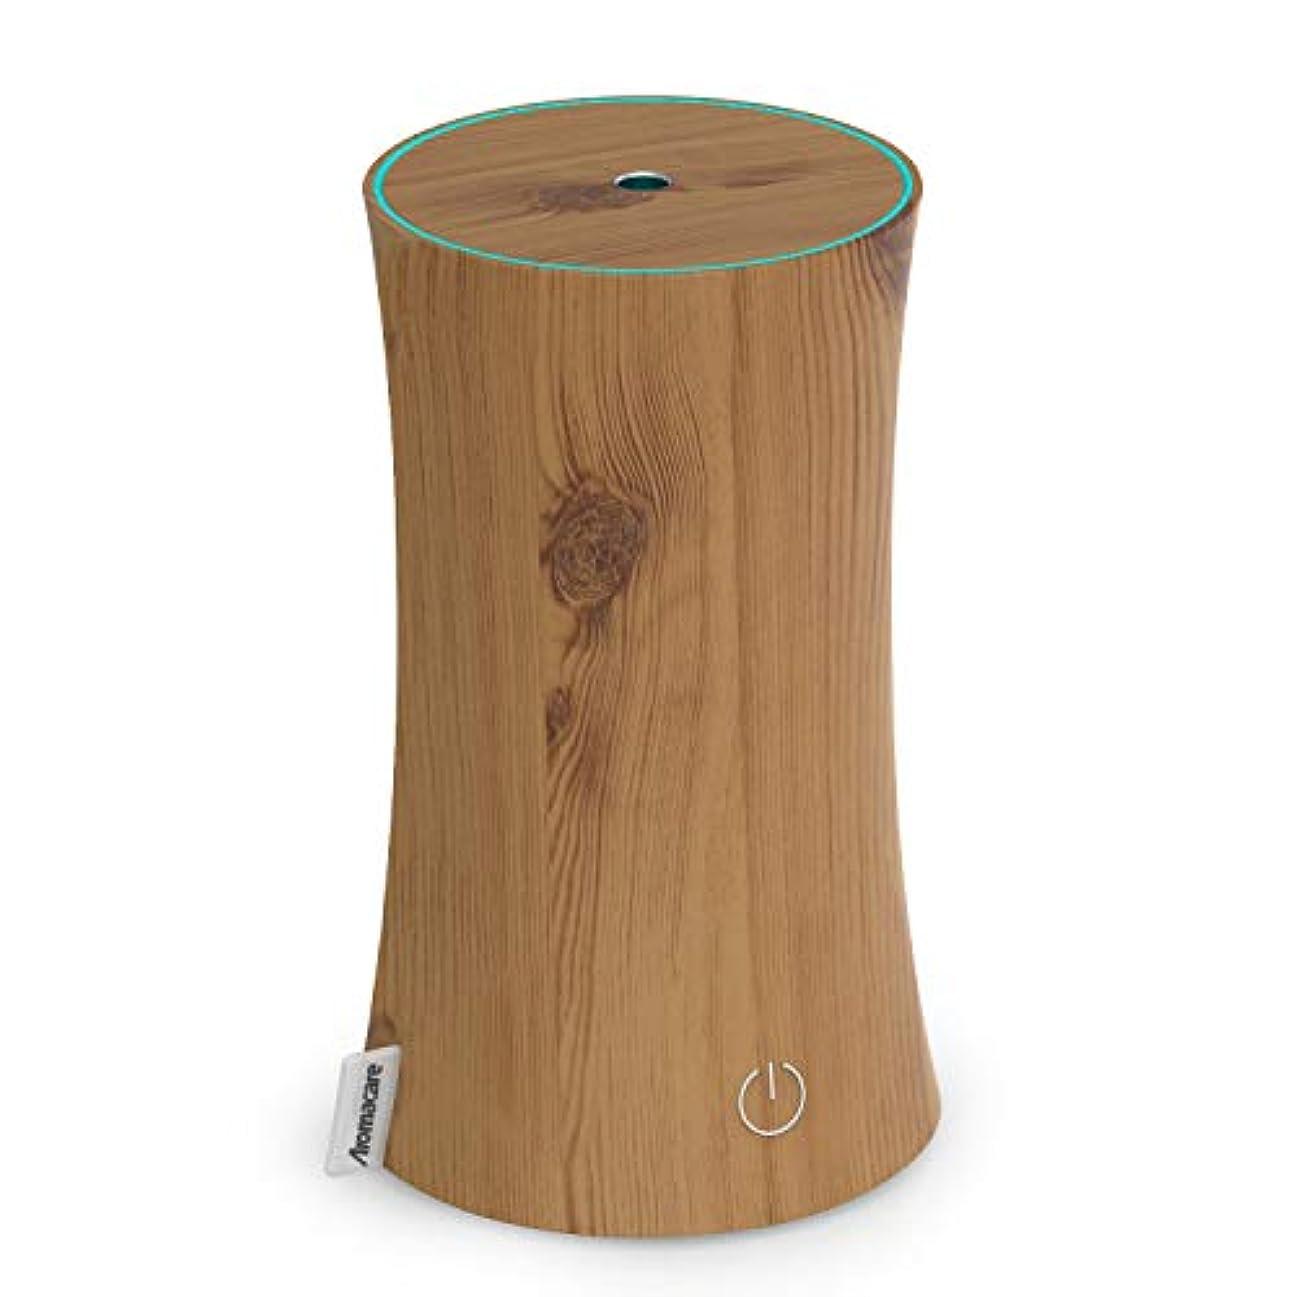 富承知しましたバウンスアロマディフューザー 卓上加湿器 センサー付き 超音波式 空焚き防止 低騒音 300ml 連続運転 各場所用 省エネ 木目調 木の色